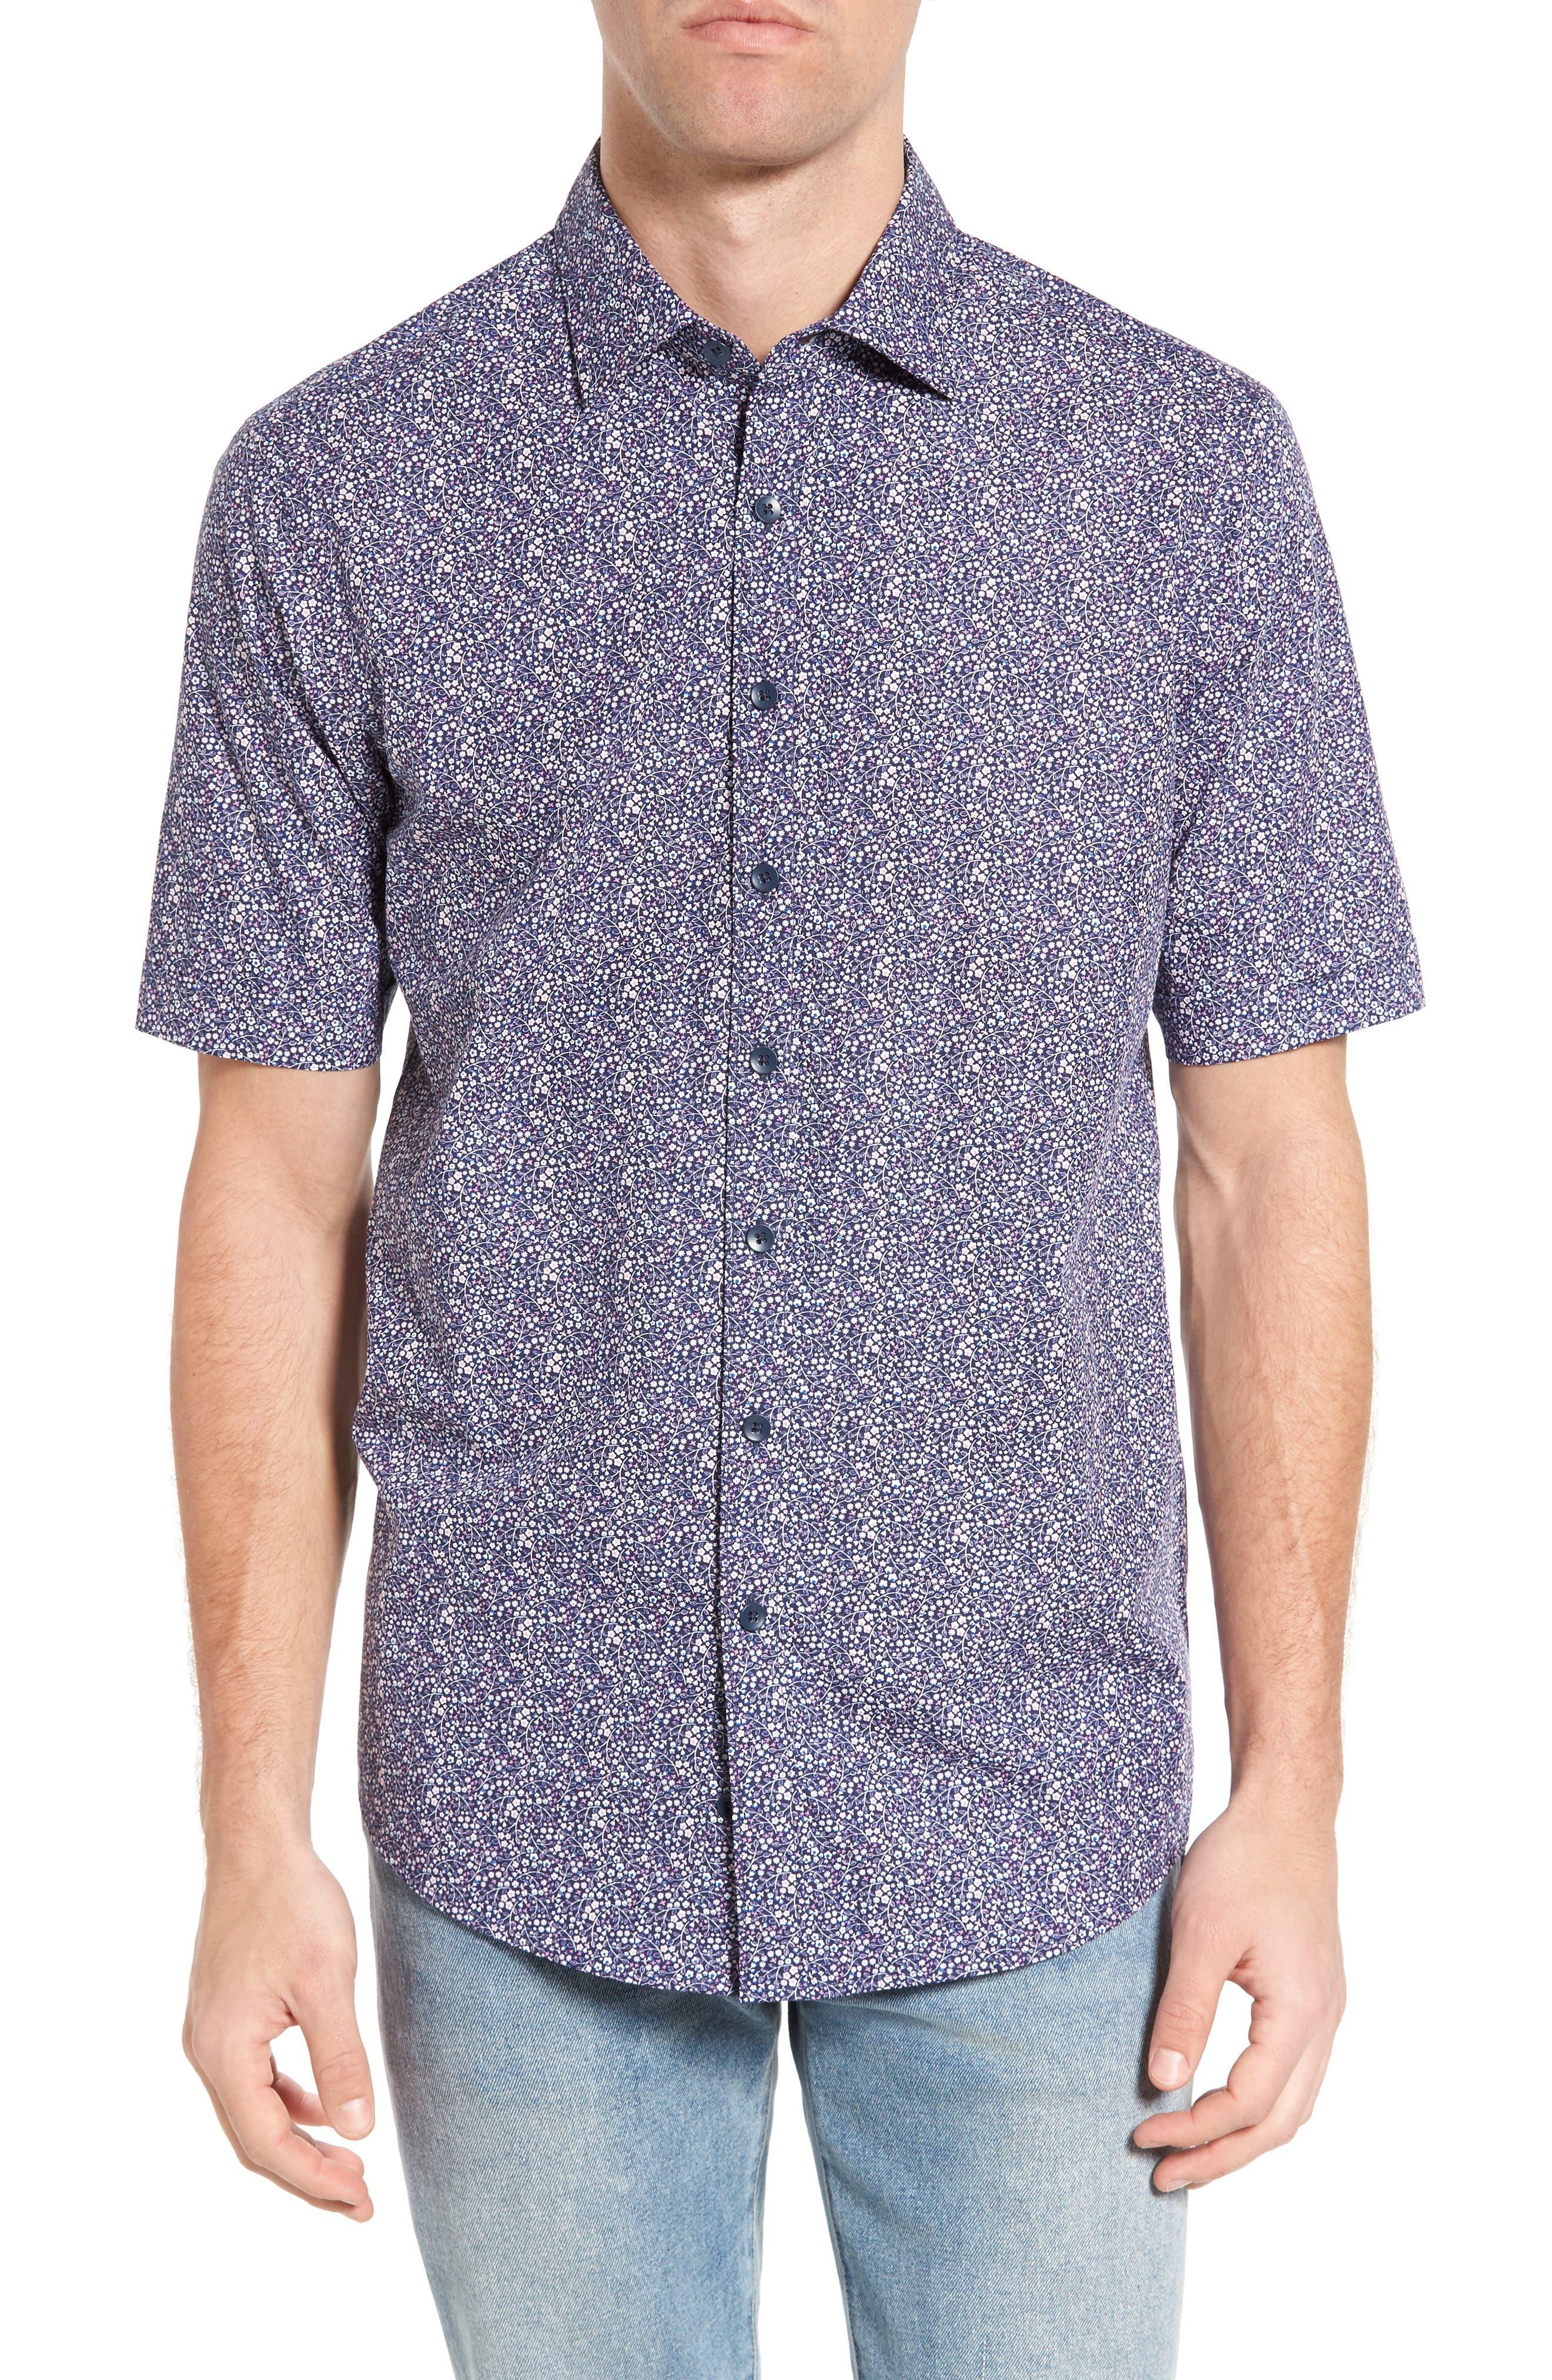 Lorneville Original Fit Sport Shirt,                             Main thumbnail 1, color,                             423